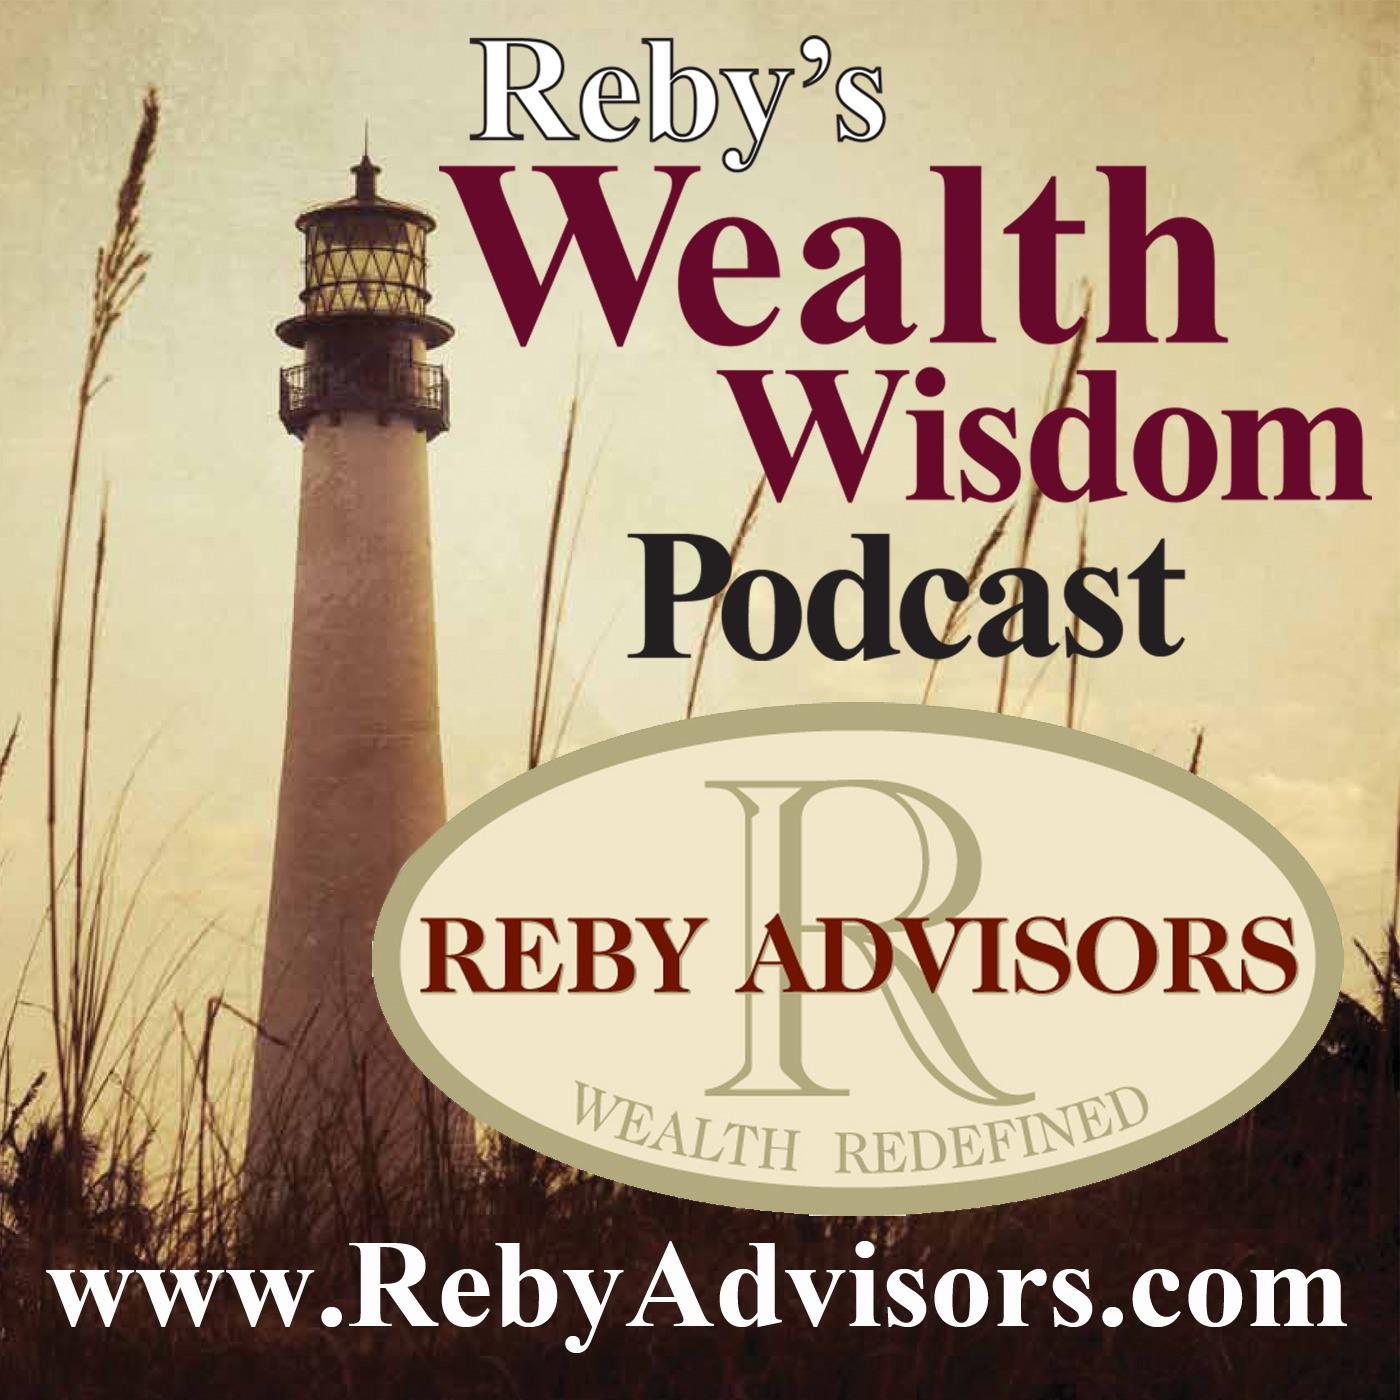 Reby's Wealth Wisdom Podcast